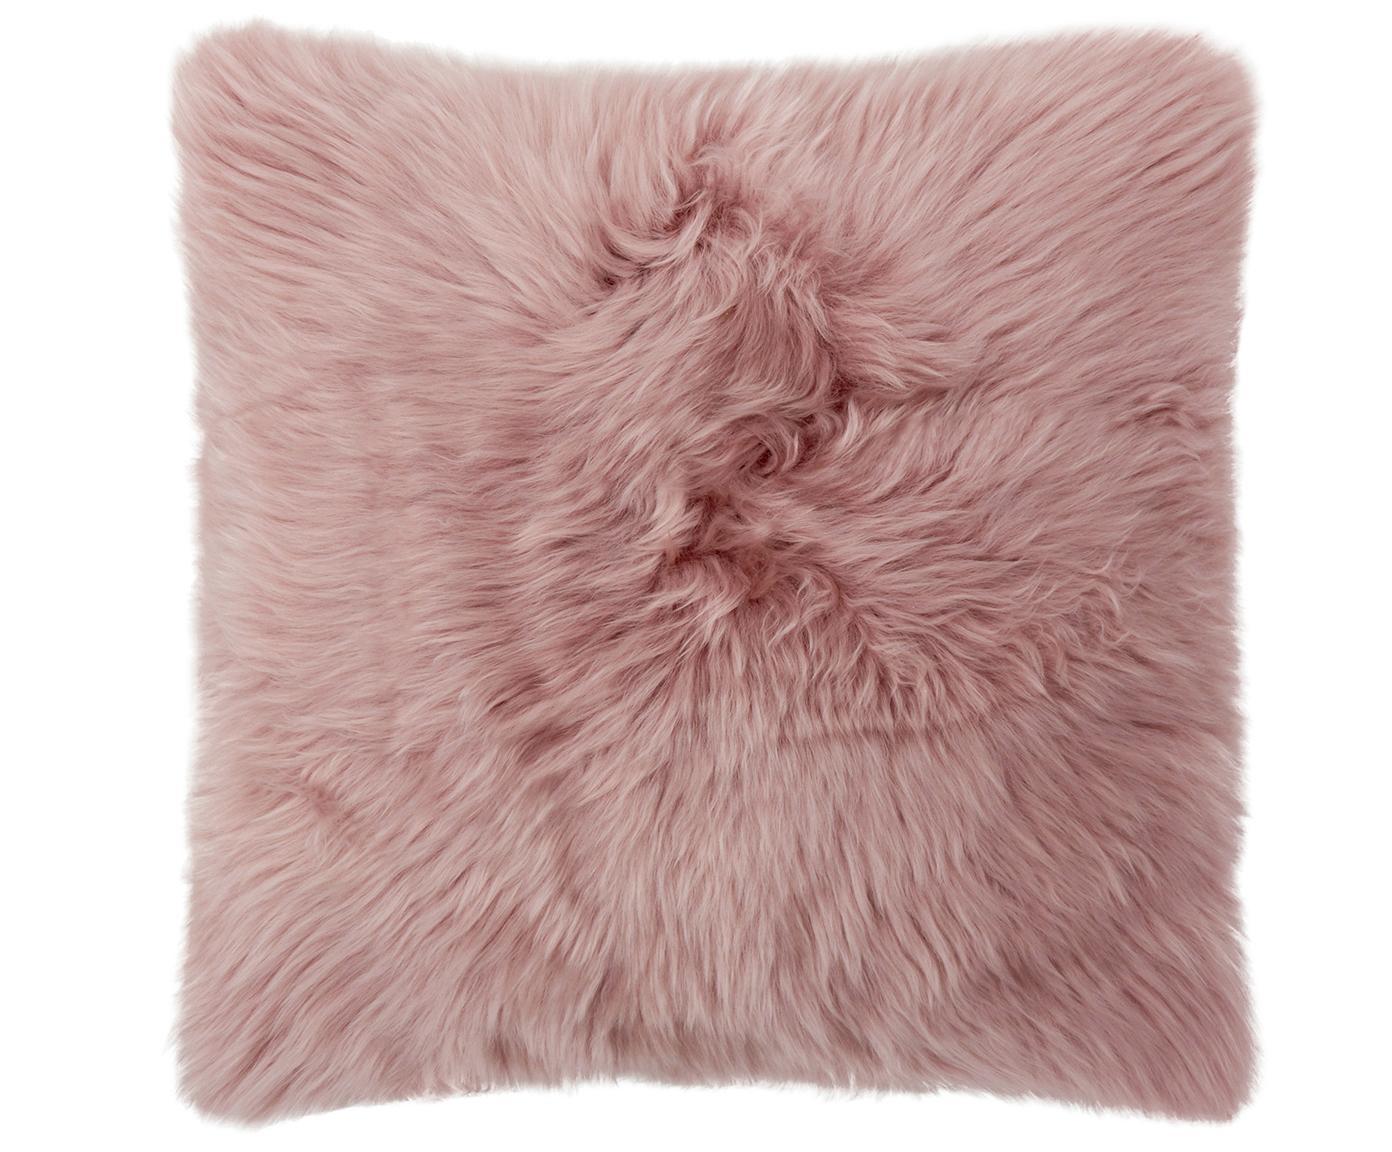 Kussenhoes van schapenvacht Oslo, glad, Voorzijde: roze. Achterzijde: lichtgrijs, 40 x 40 cm